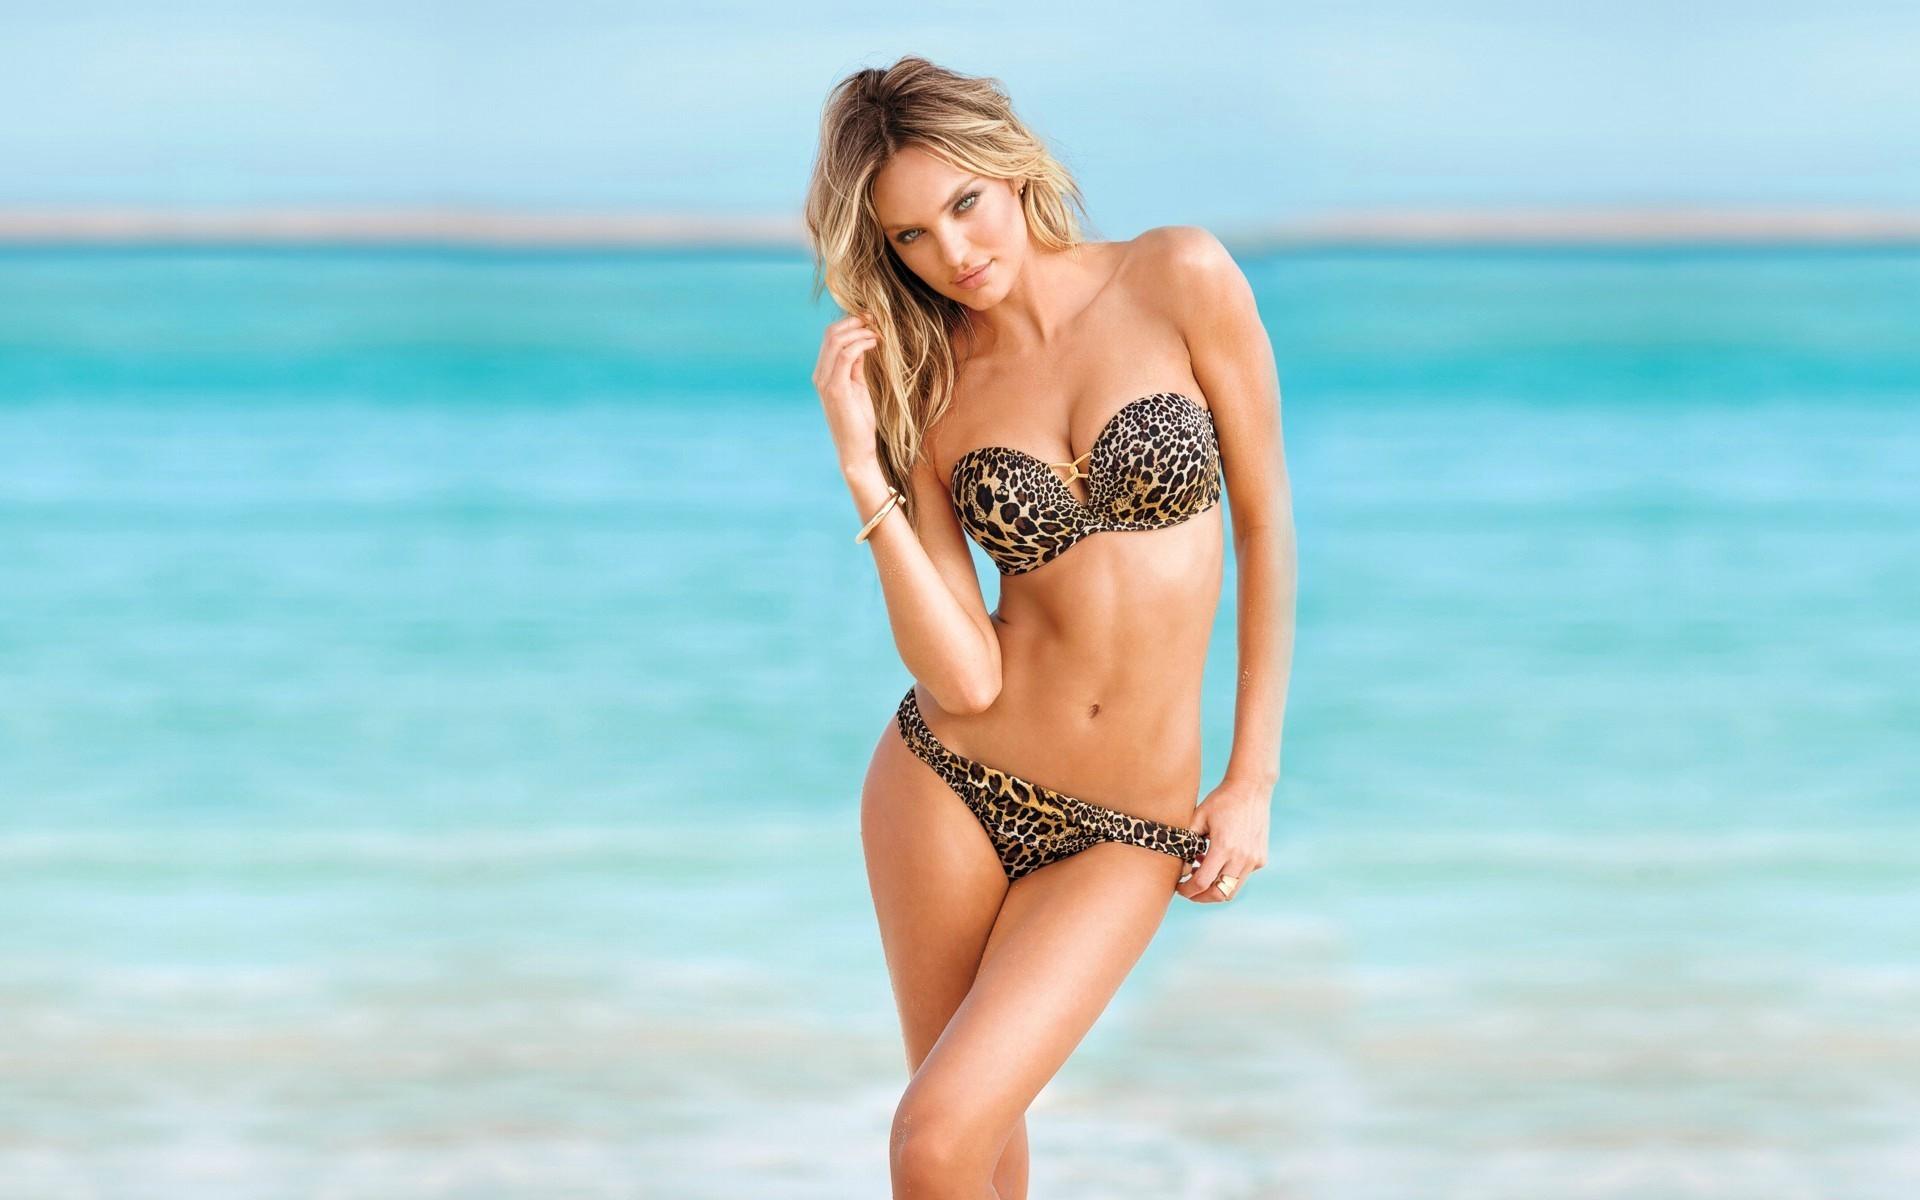 Sau khi loại bỏ mỡ thừa, thân hình của bạn trở nên thon gọn, săn chắc và gợi cảm hơn